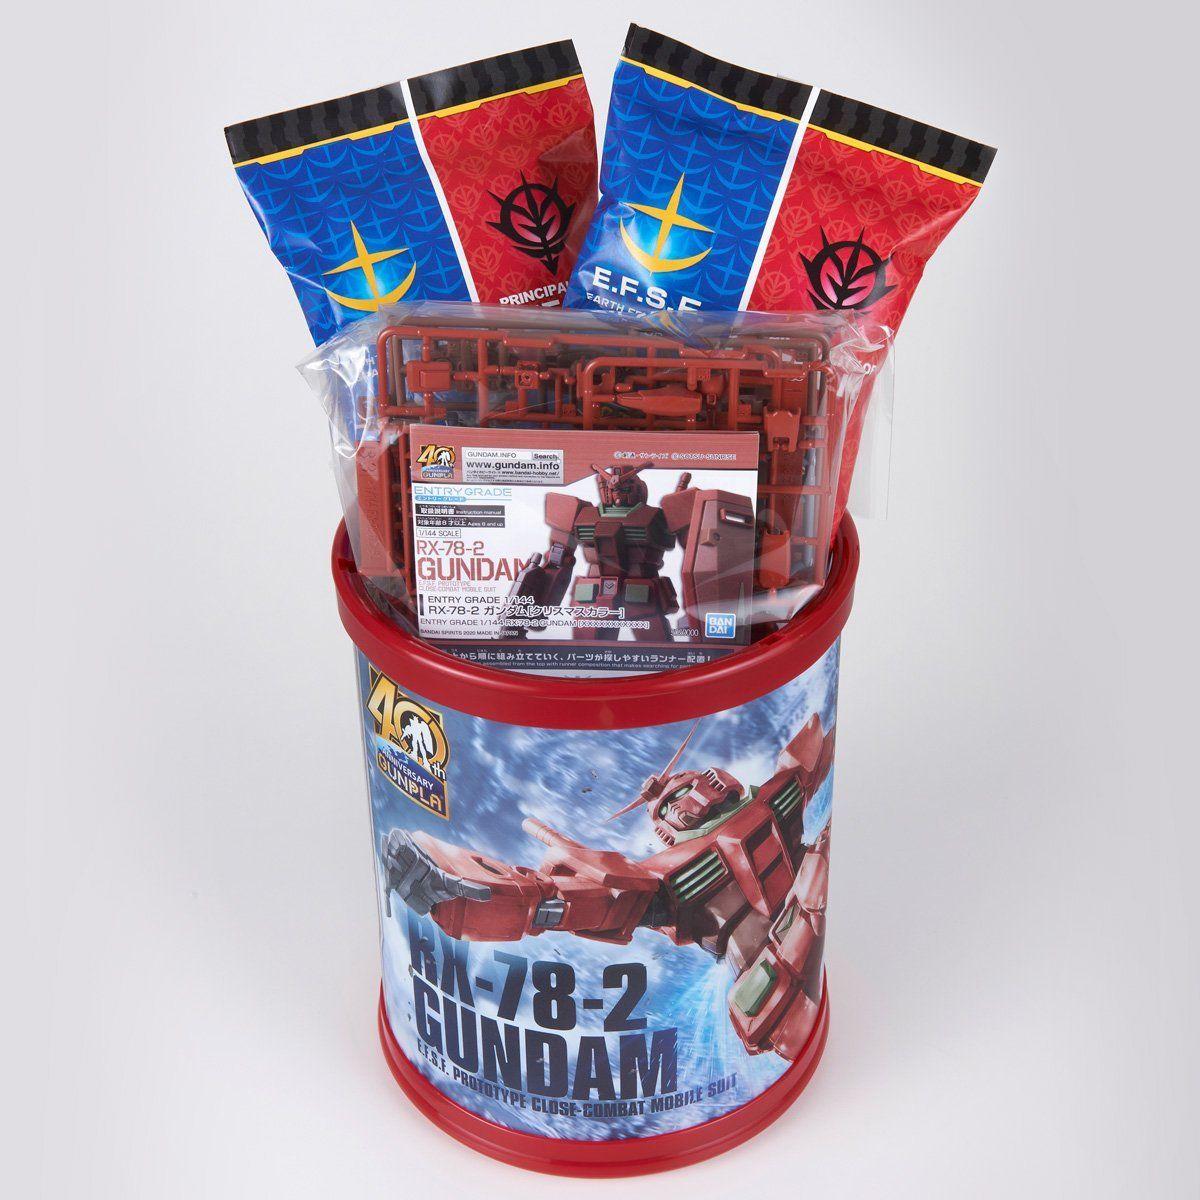 【限定販売】【食玩】EGガンダム『ガンプラ入りラウンドBOX』ENTRY GRADE 1/144 RX-78-2 ガンダム プラモデル-008